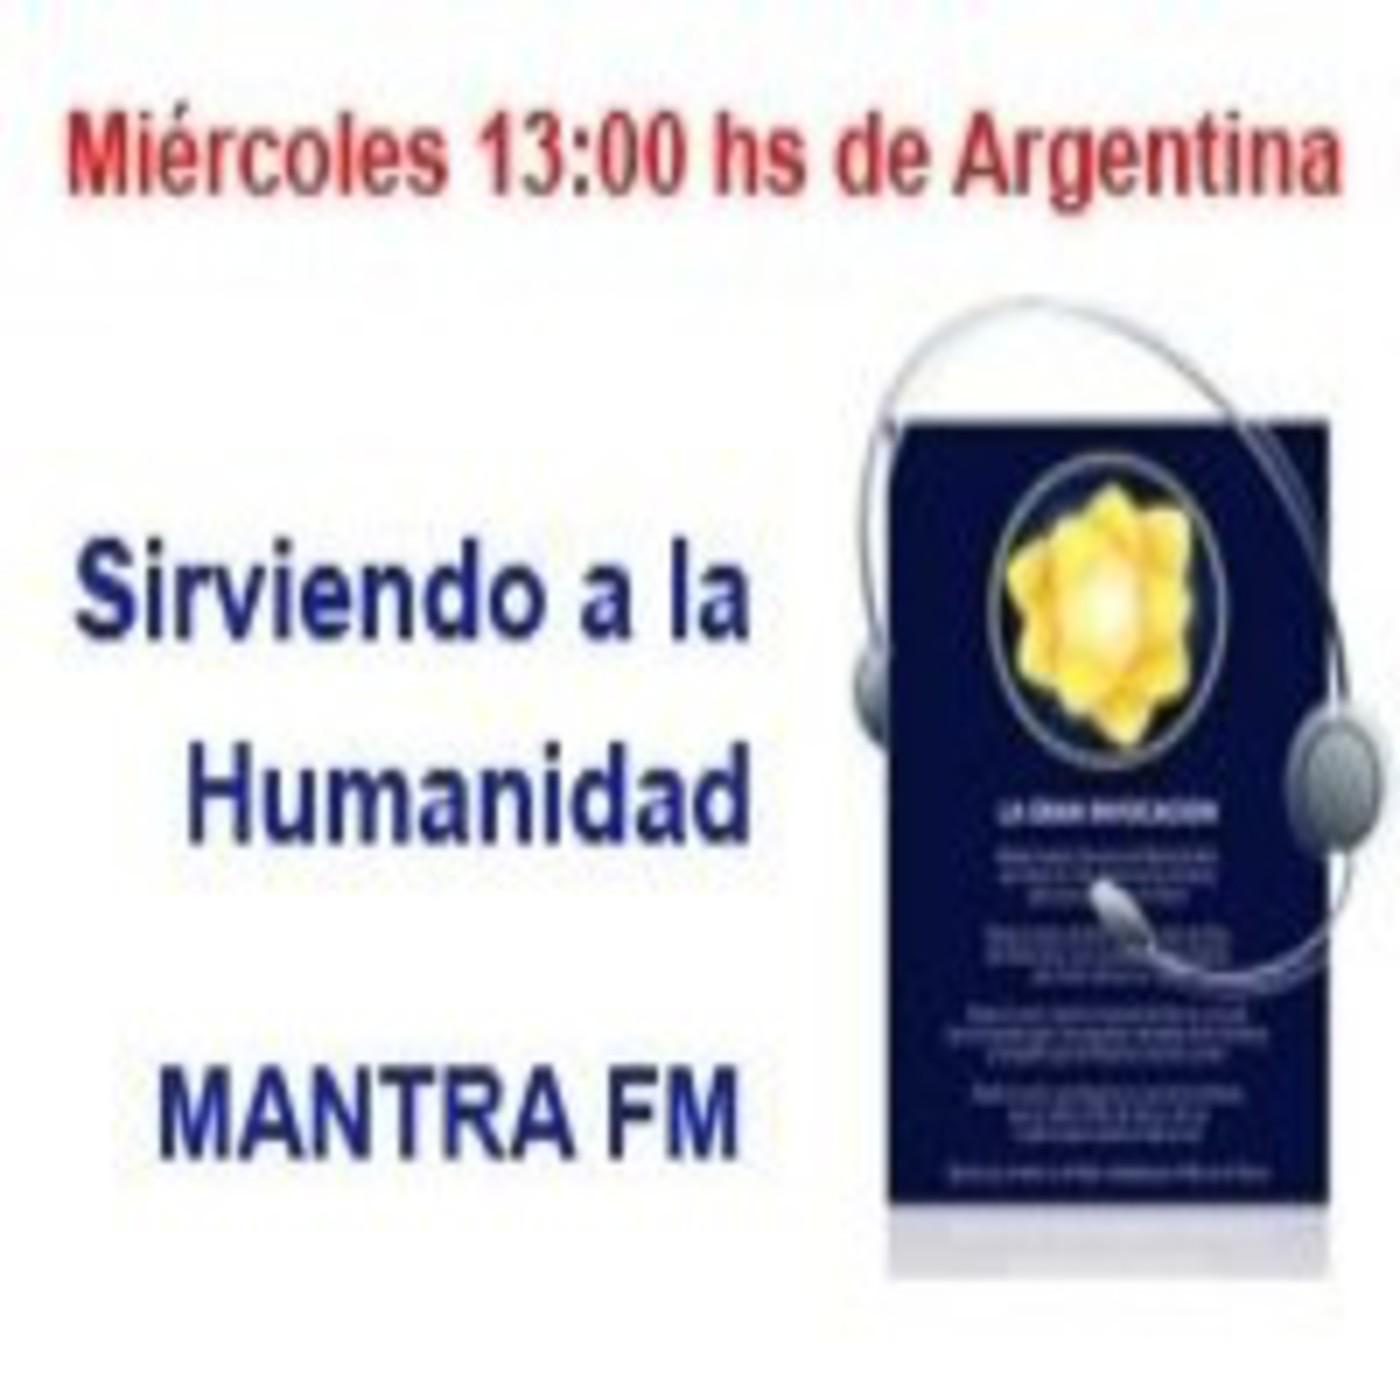 Programa Sirviendo a la Humanidad 22-12-2010